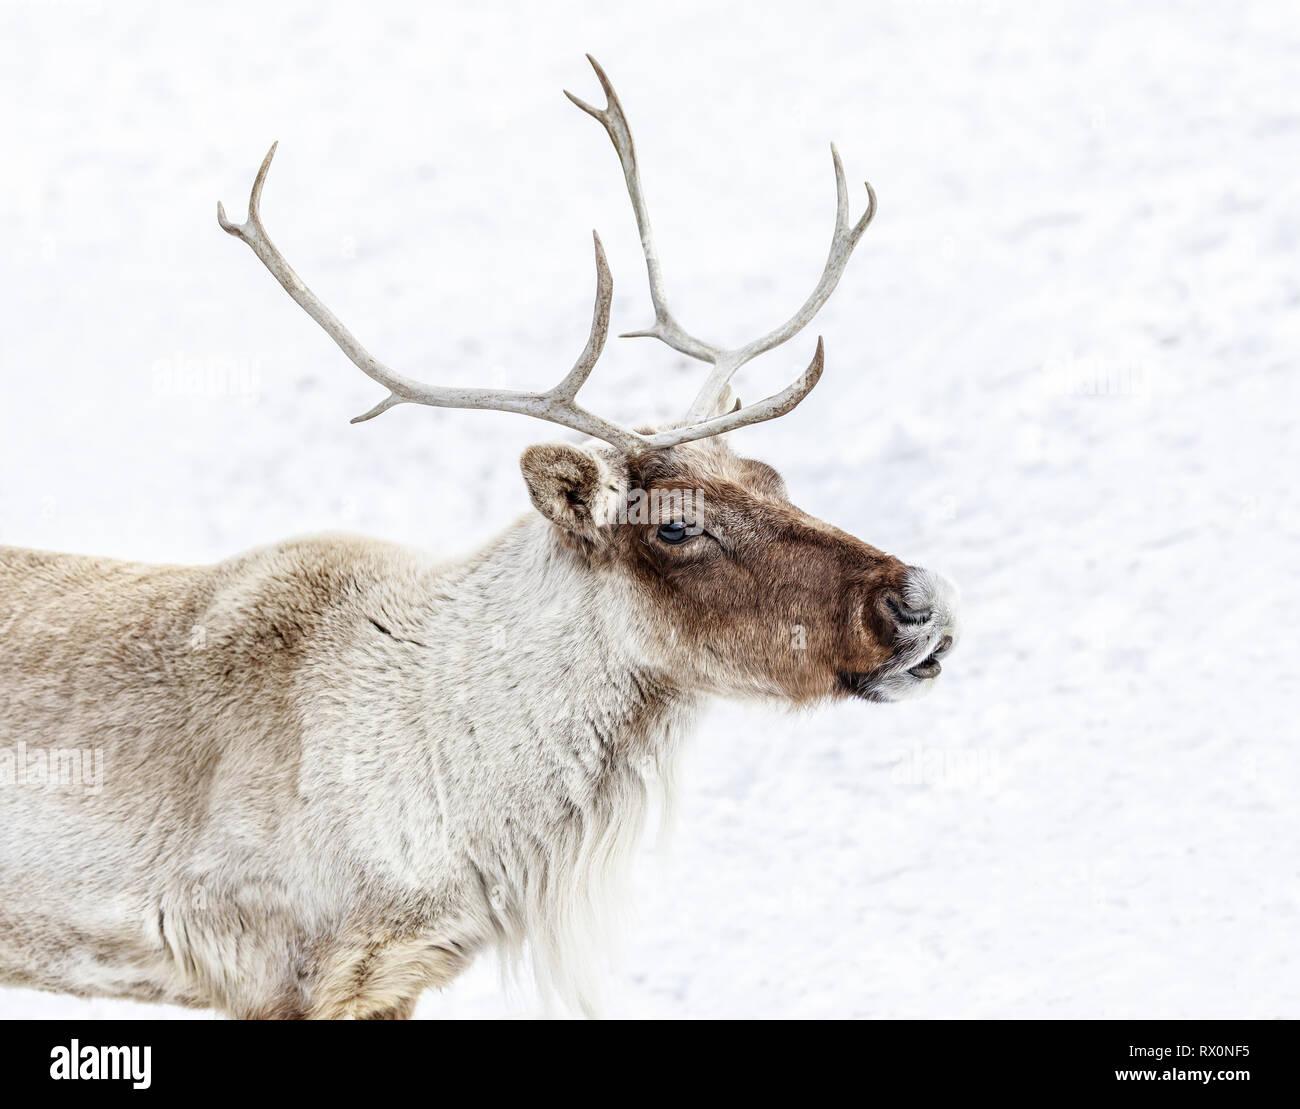 Boreal Woodland Caribou, Rangifer tarandus, captive animal, Manitoba, Canada - Stock Image